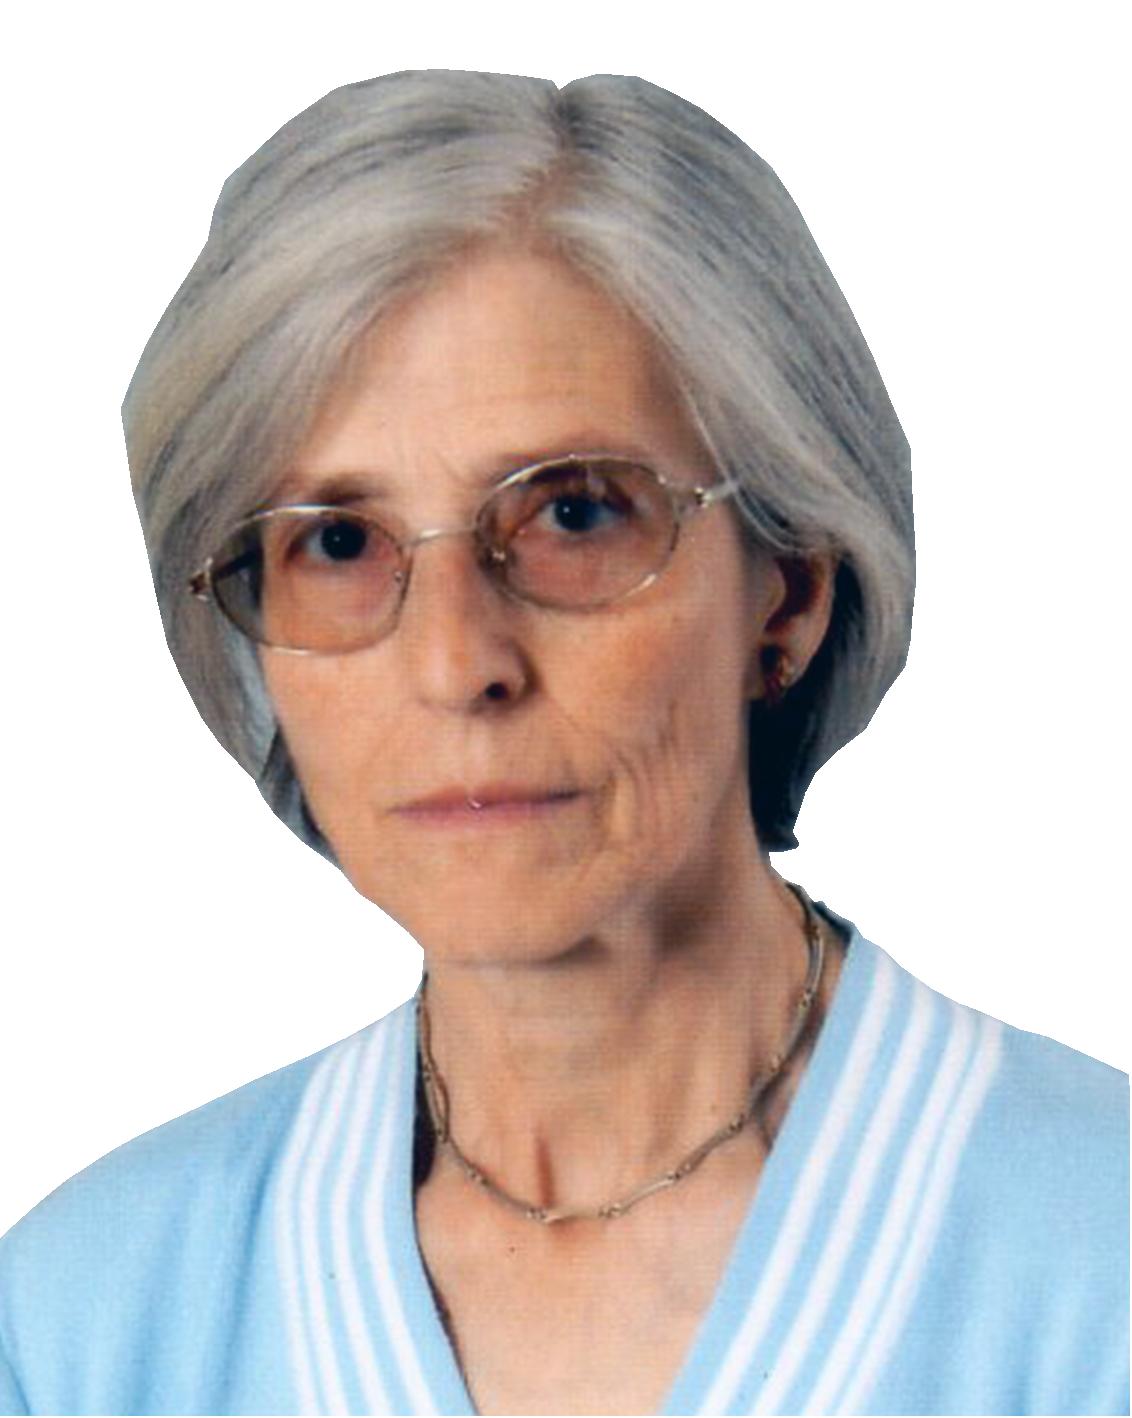 Isabel Maria Lourenço Tavares dos Anjos Martins